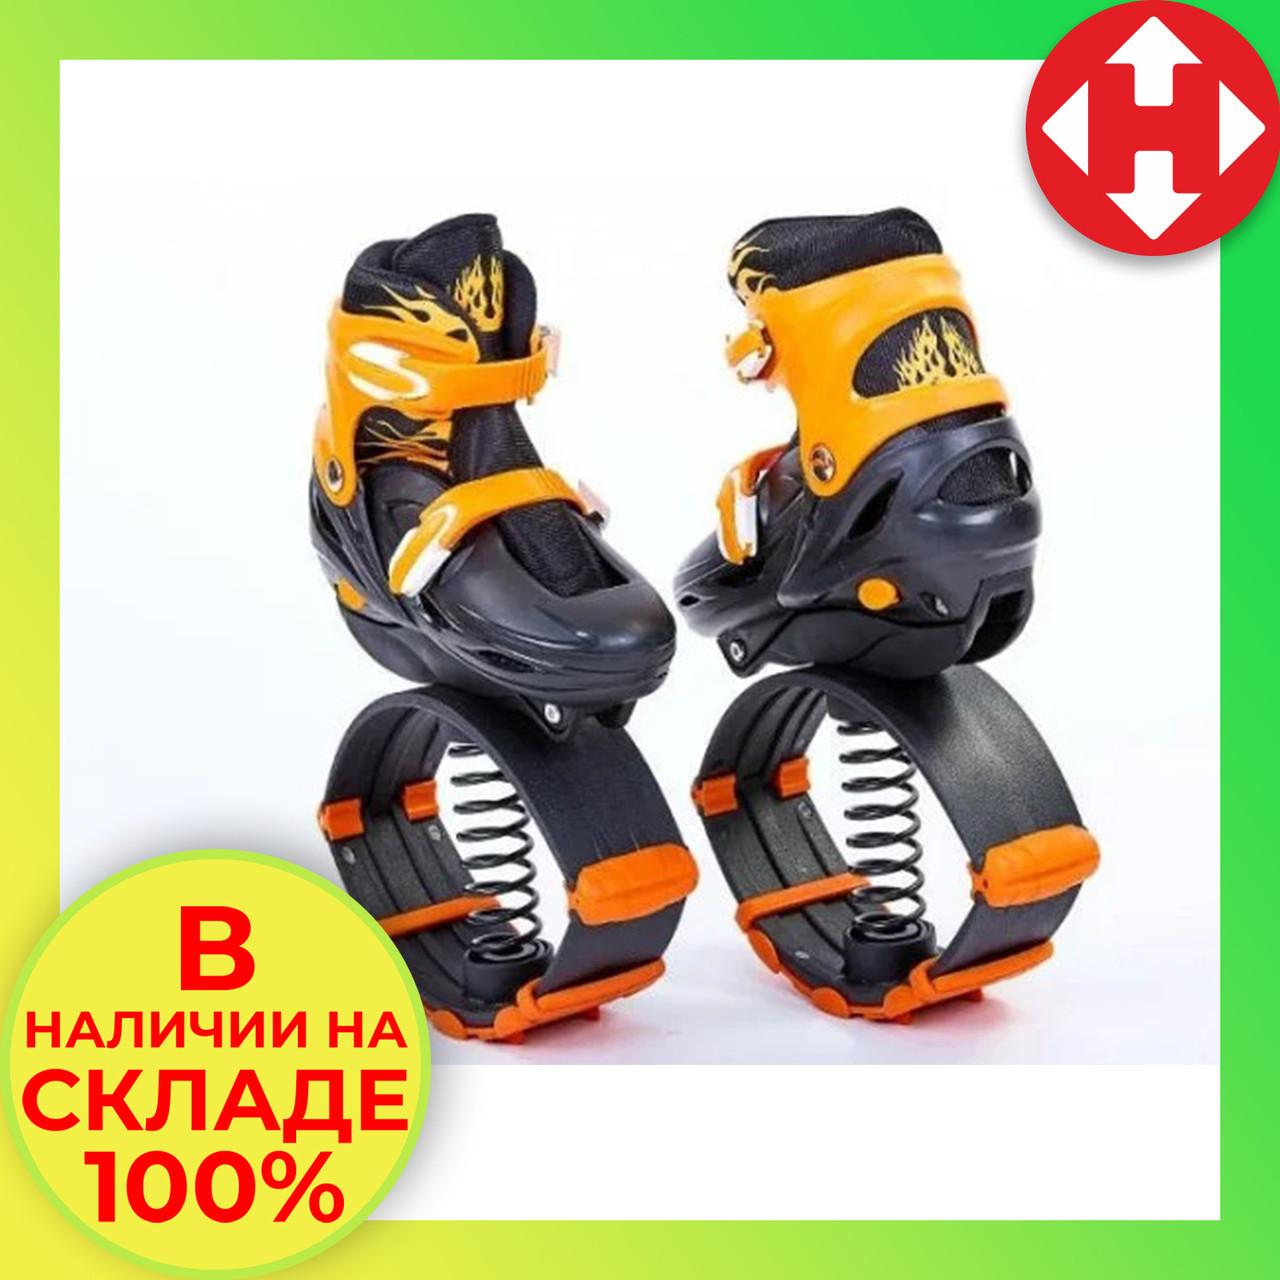 Прыгающие ботинки, джамперы для фитнеса, Kangoo Jumps, цвет - оранжевый, размер 39-42